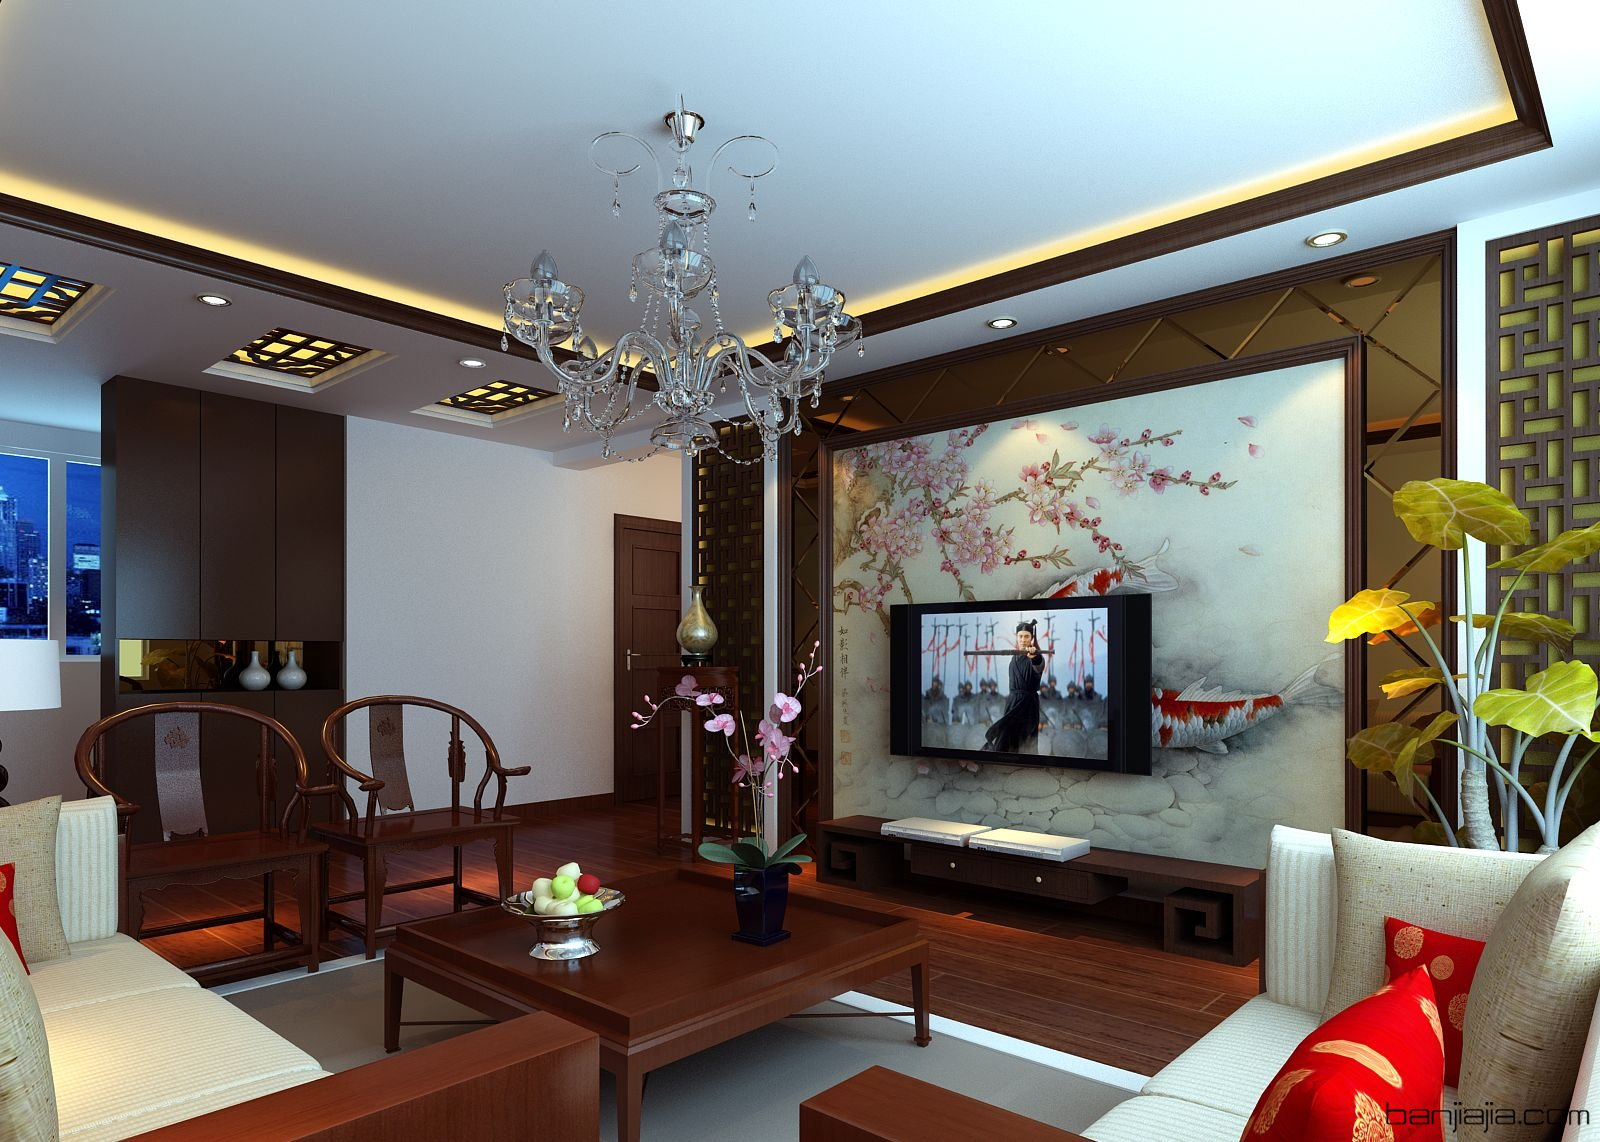 中式场景客厅-室内设计师平台 -室内设计论坛-扮家家